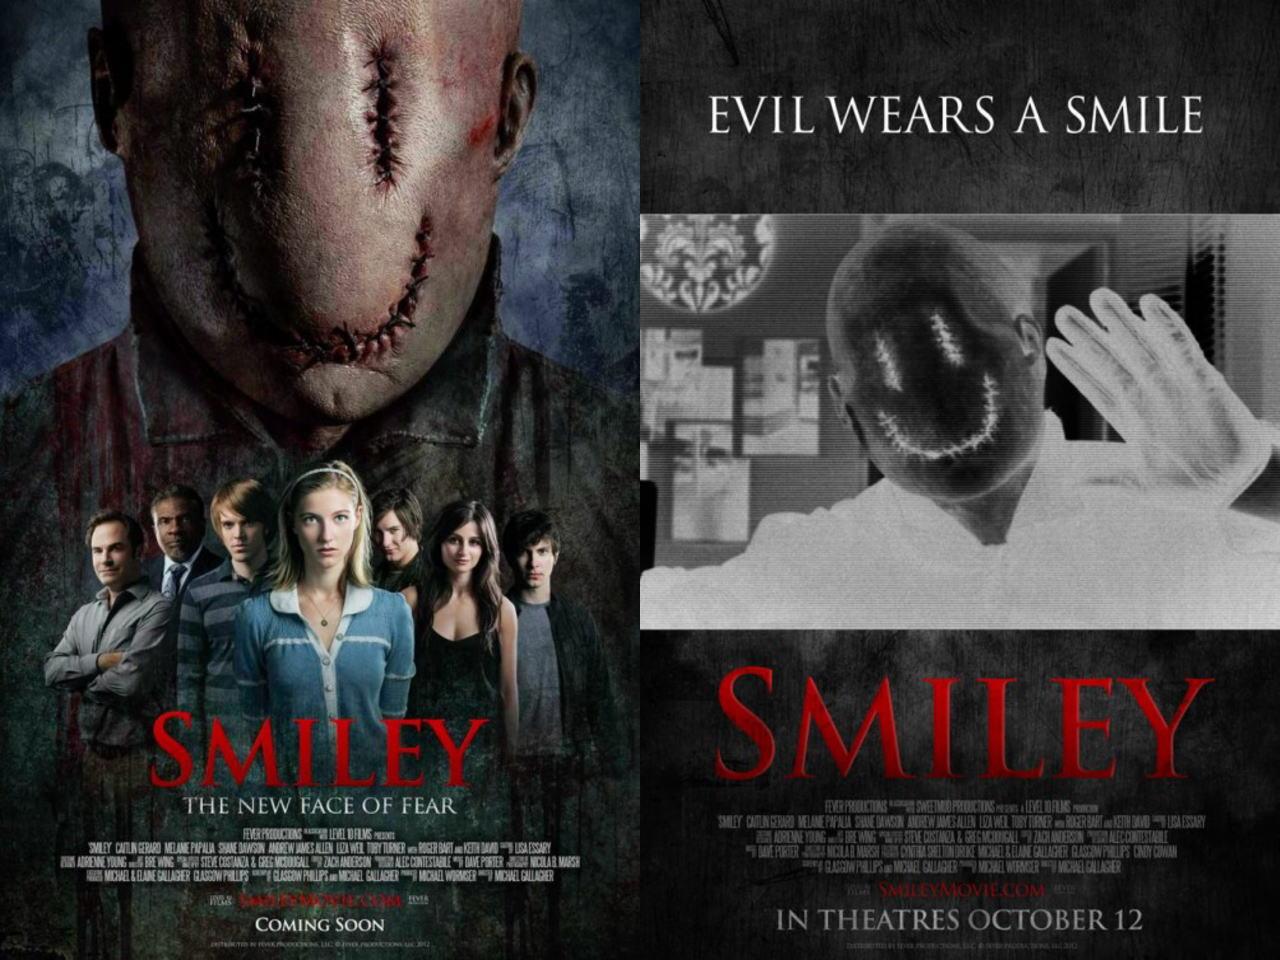 映画『スマイリー SMILEY』ポスター(4)▼ポスター画像クリックで拡大します。